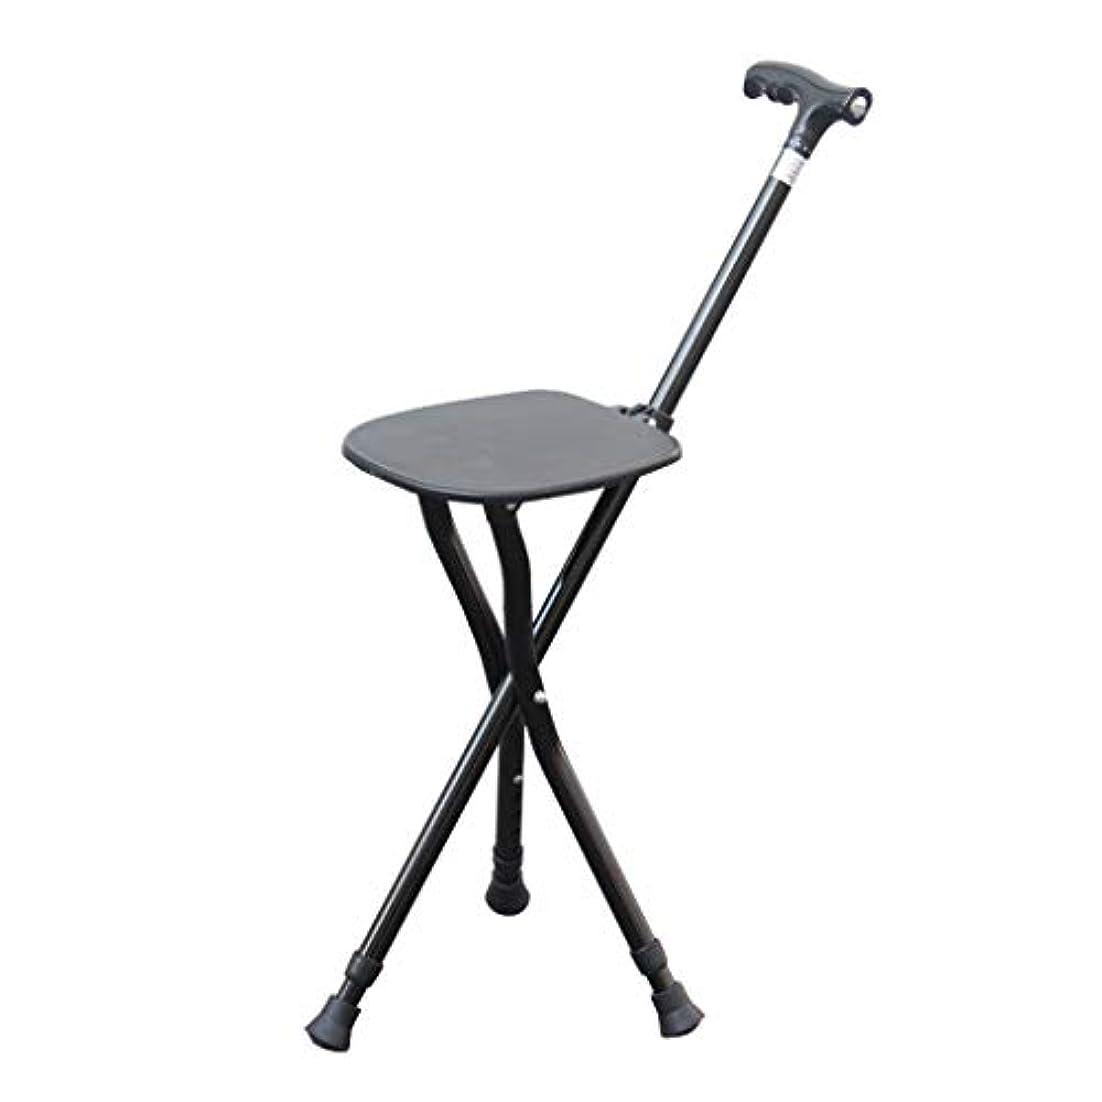 ファシズム降下乱用滑り止めベース付き多機能ブラック松葉杖シートウォーキングスティック、高齢者のための人間工学的のハンドル調節可能な高さレベルLEDライトとモビリティ杖